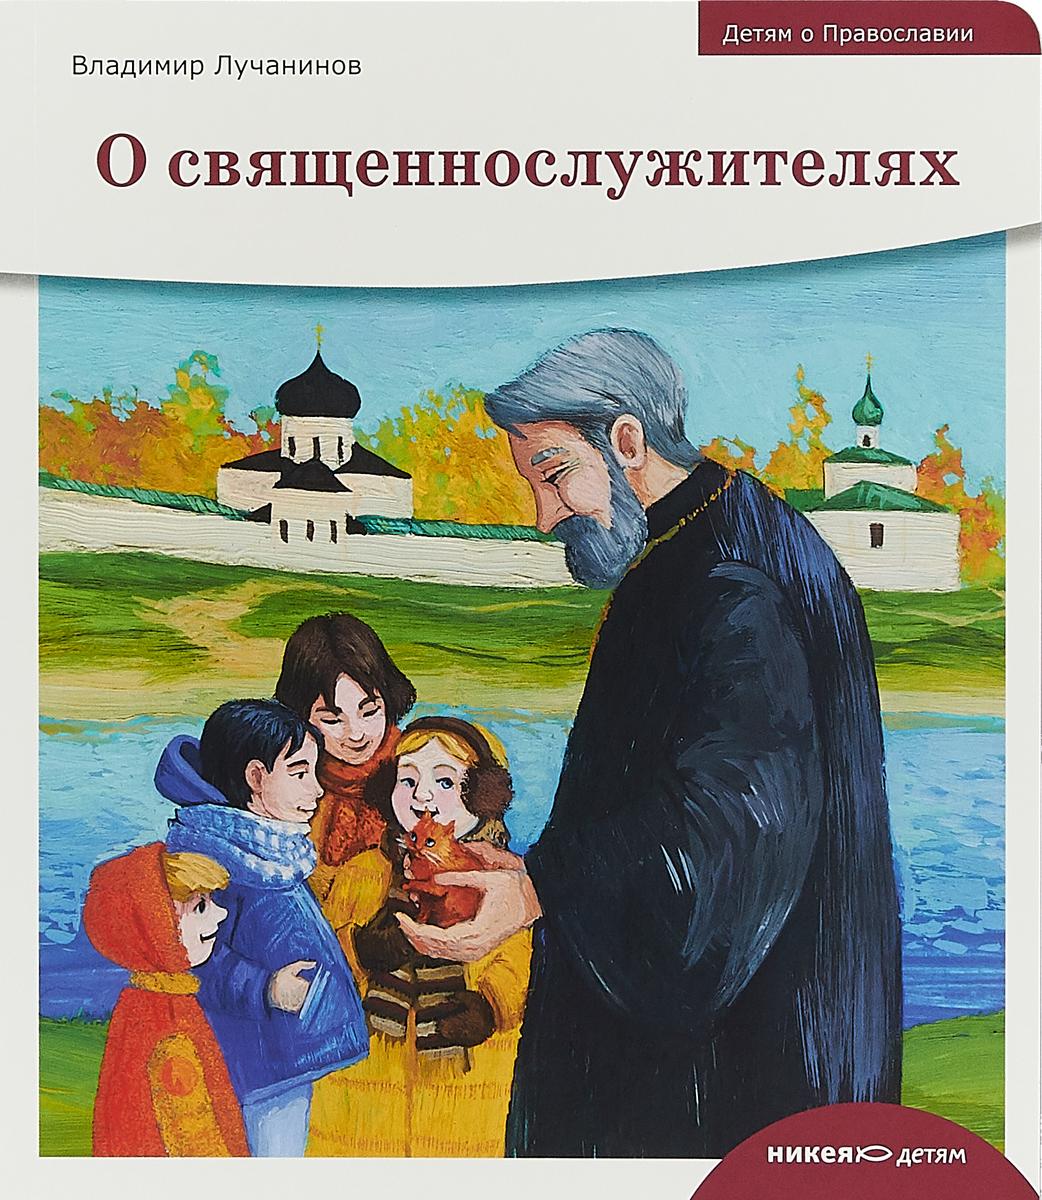 Владимир Лучанинов Детям о Православии. О священнослужителях е а елецкая семь великих таинств в православии